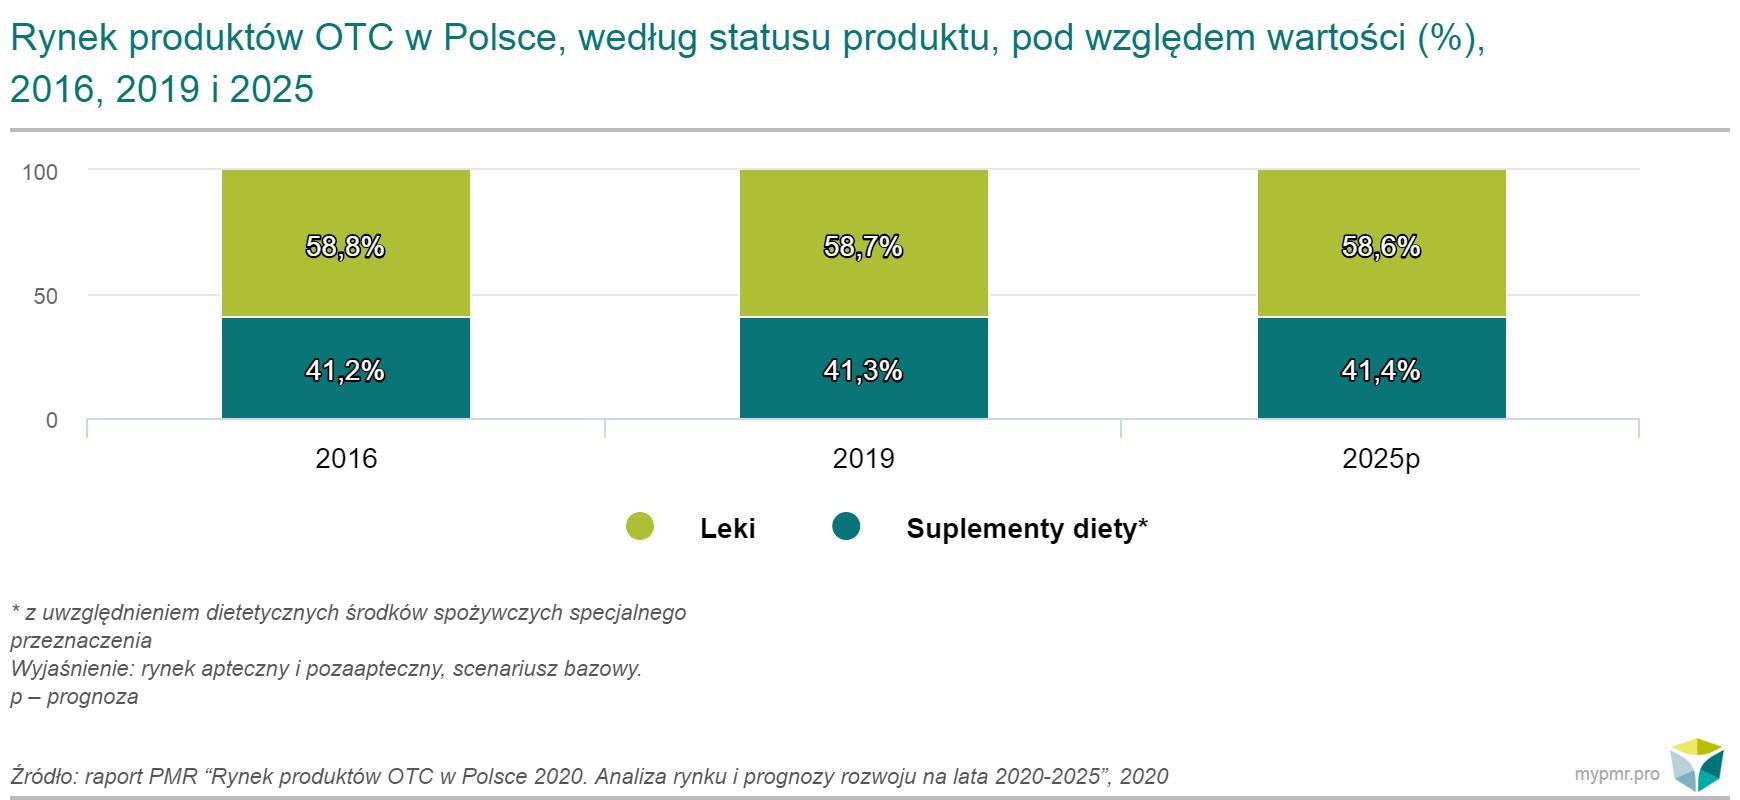 rynek otc polska 2020 pmr